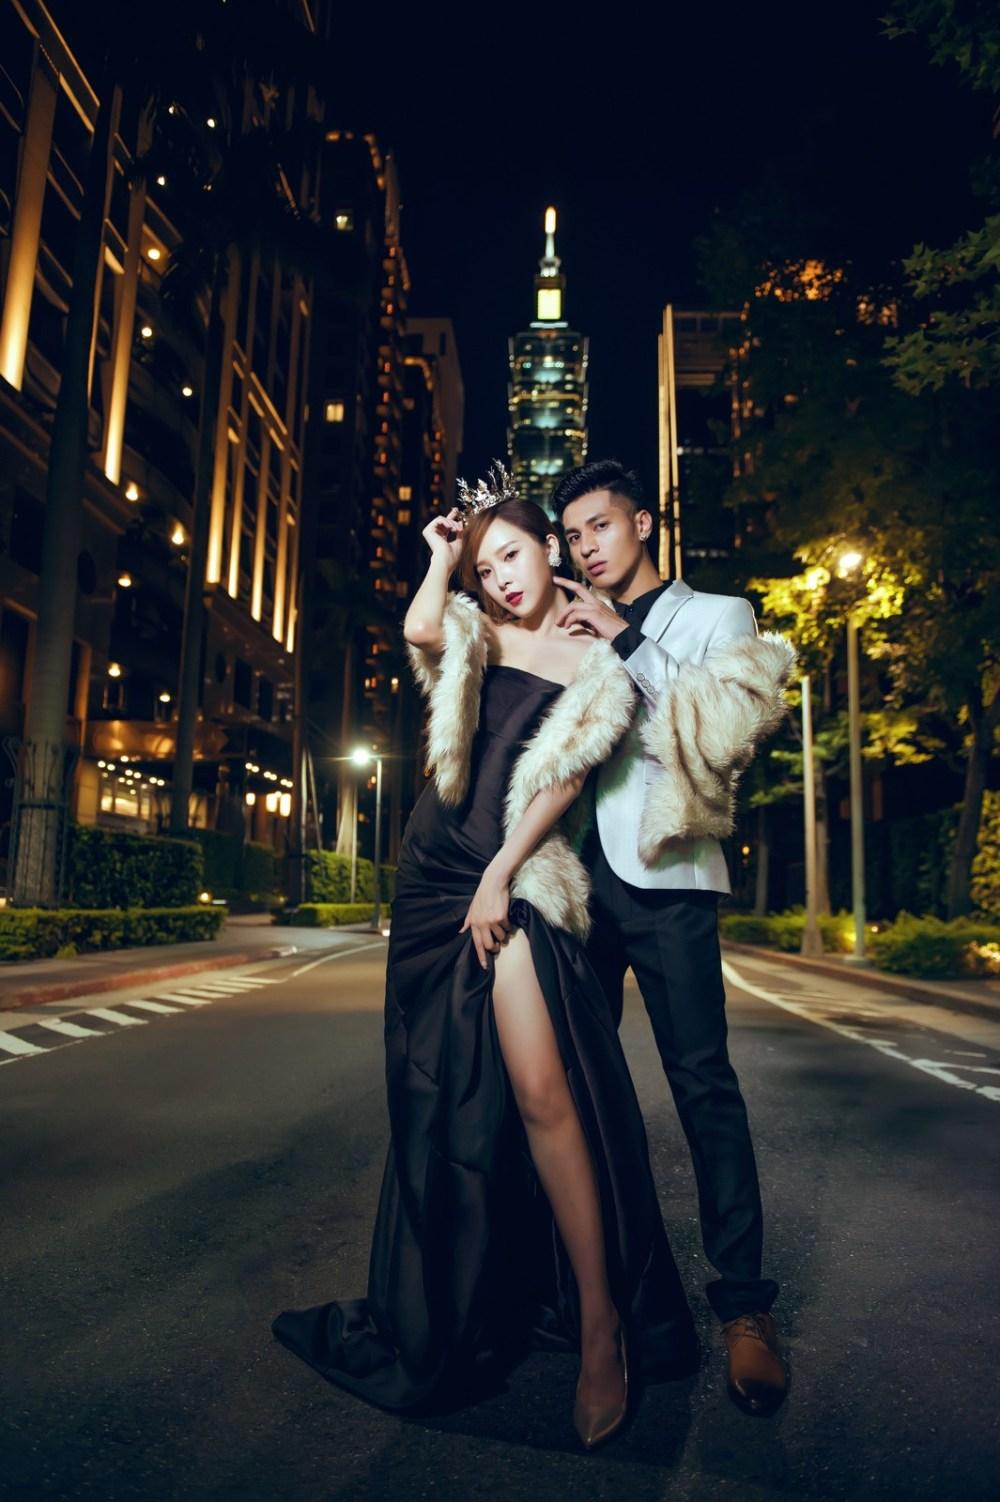 臺北 拍婚紗 推薦 海外婚紗 台灣婚紗 台灣拍婚紗